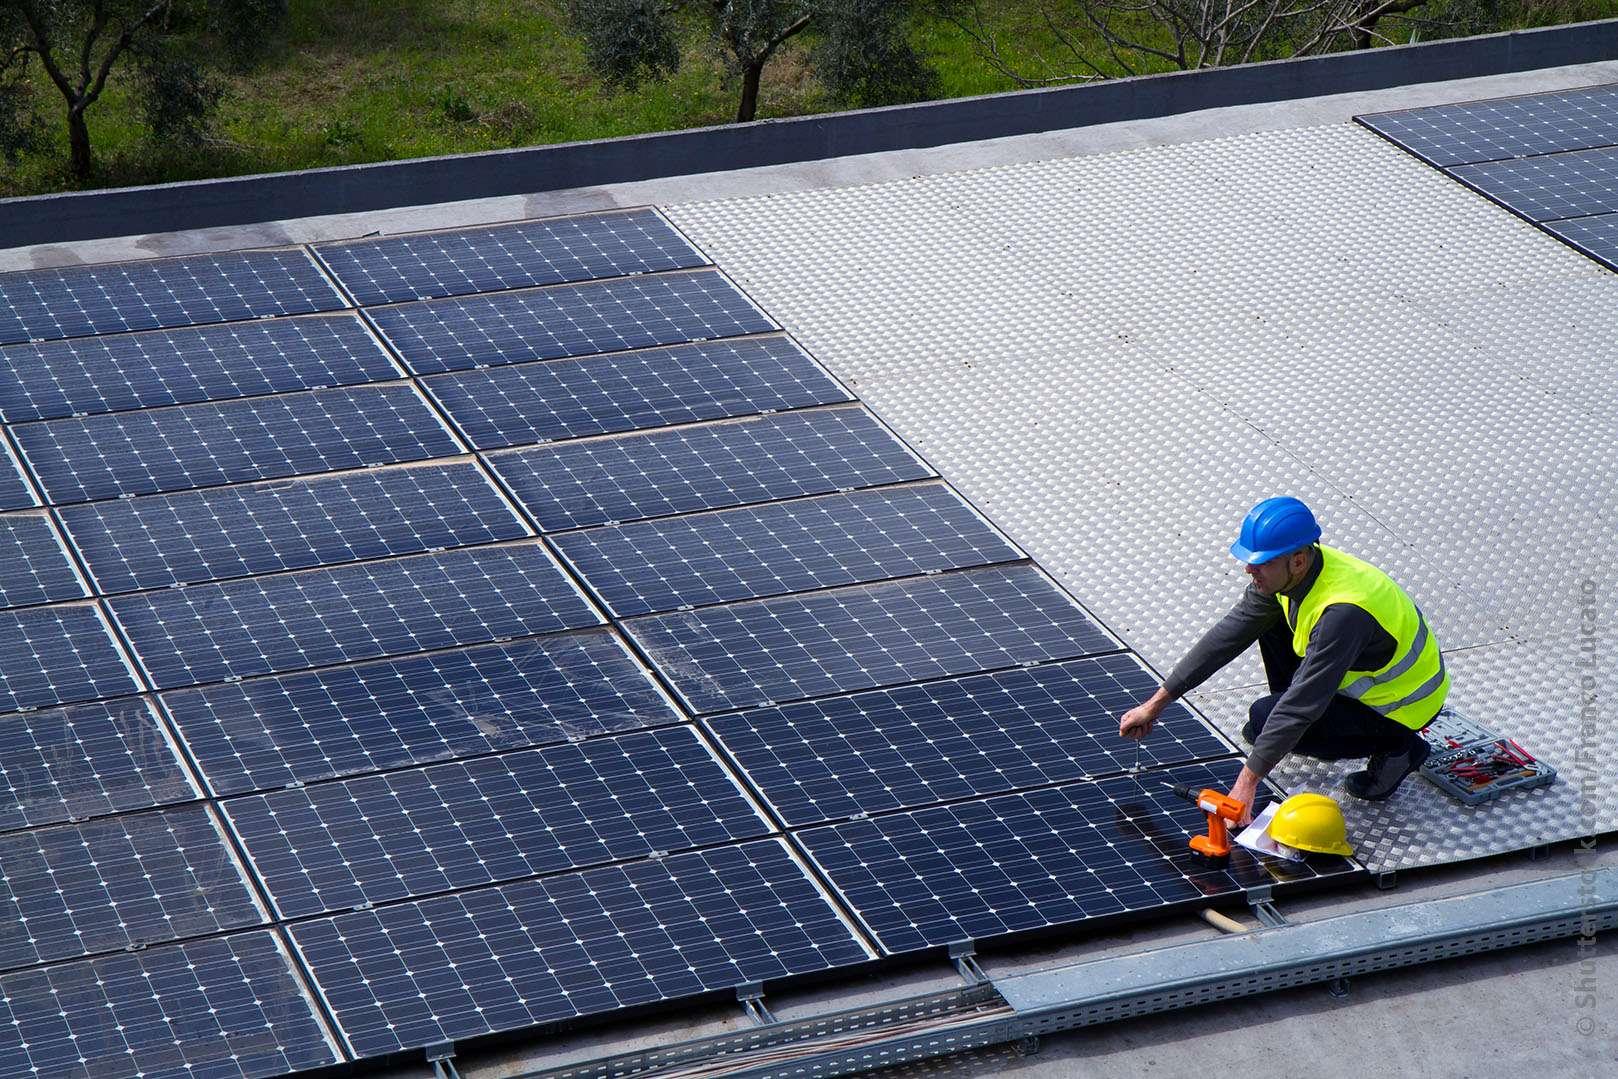 Un plan de financement européen ambitieux pour une transition énergétique juste   Actualité   Parlement européen